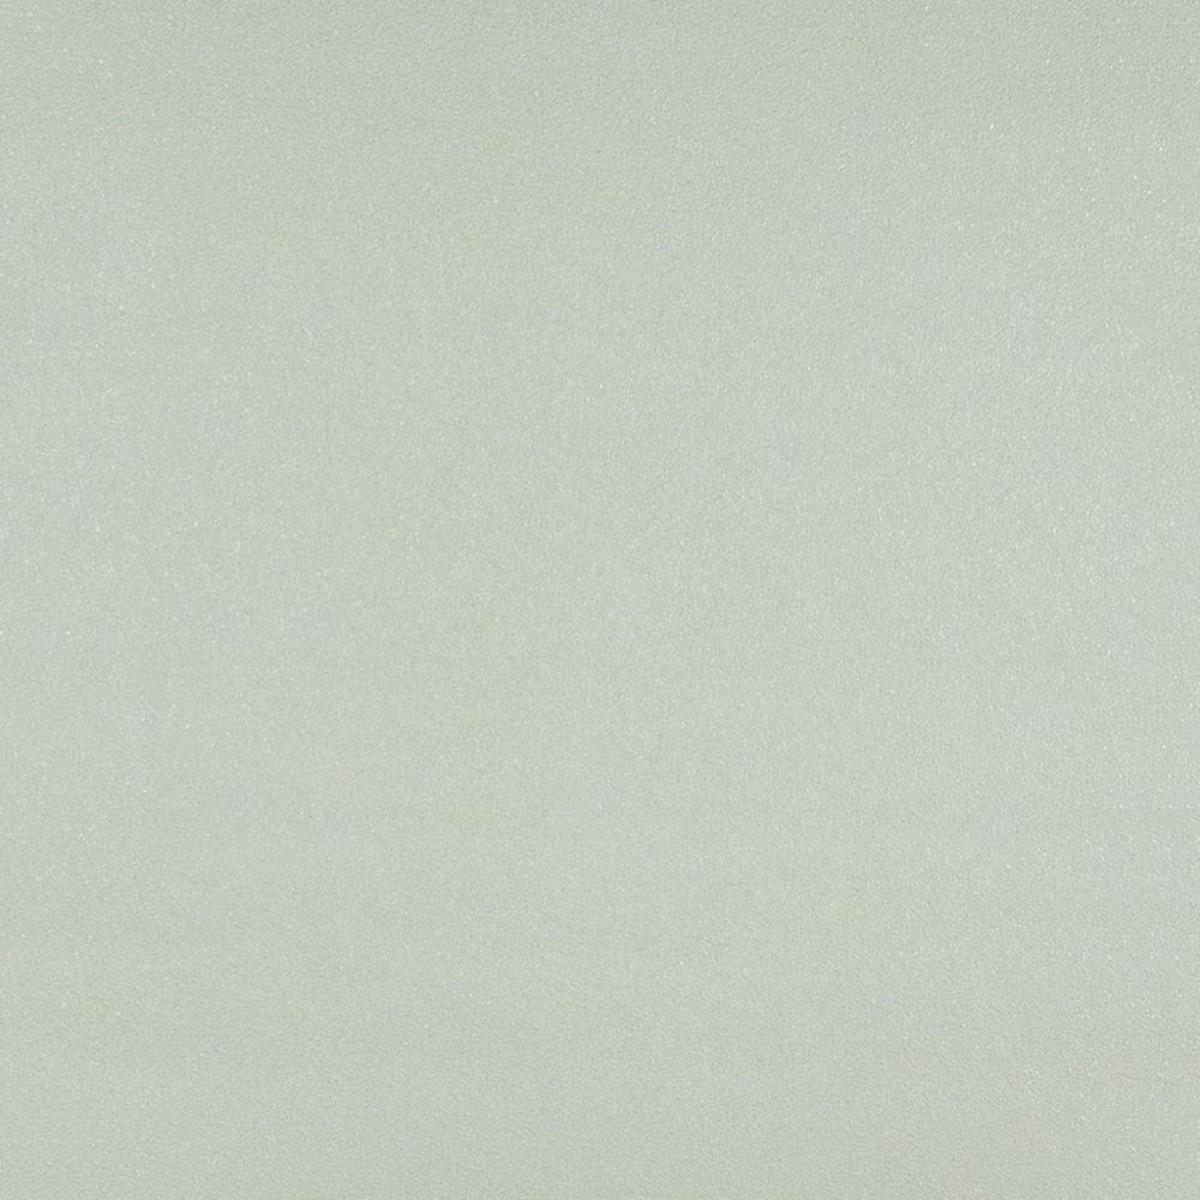 Обои флизелиновые Артекс Кварц зеленые 1.06 м 10101-07